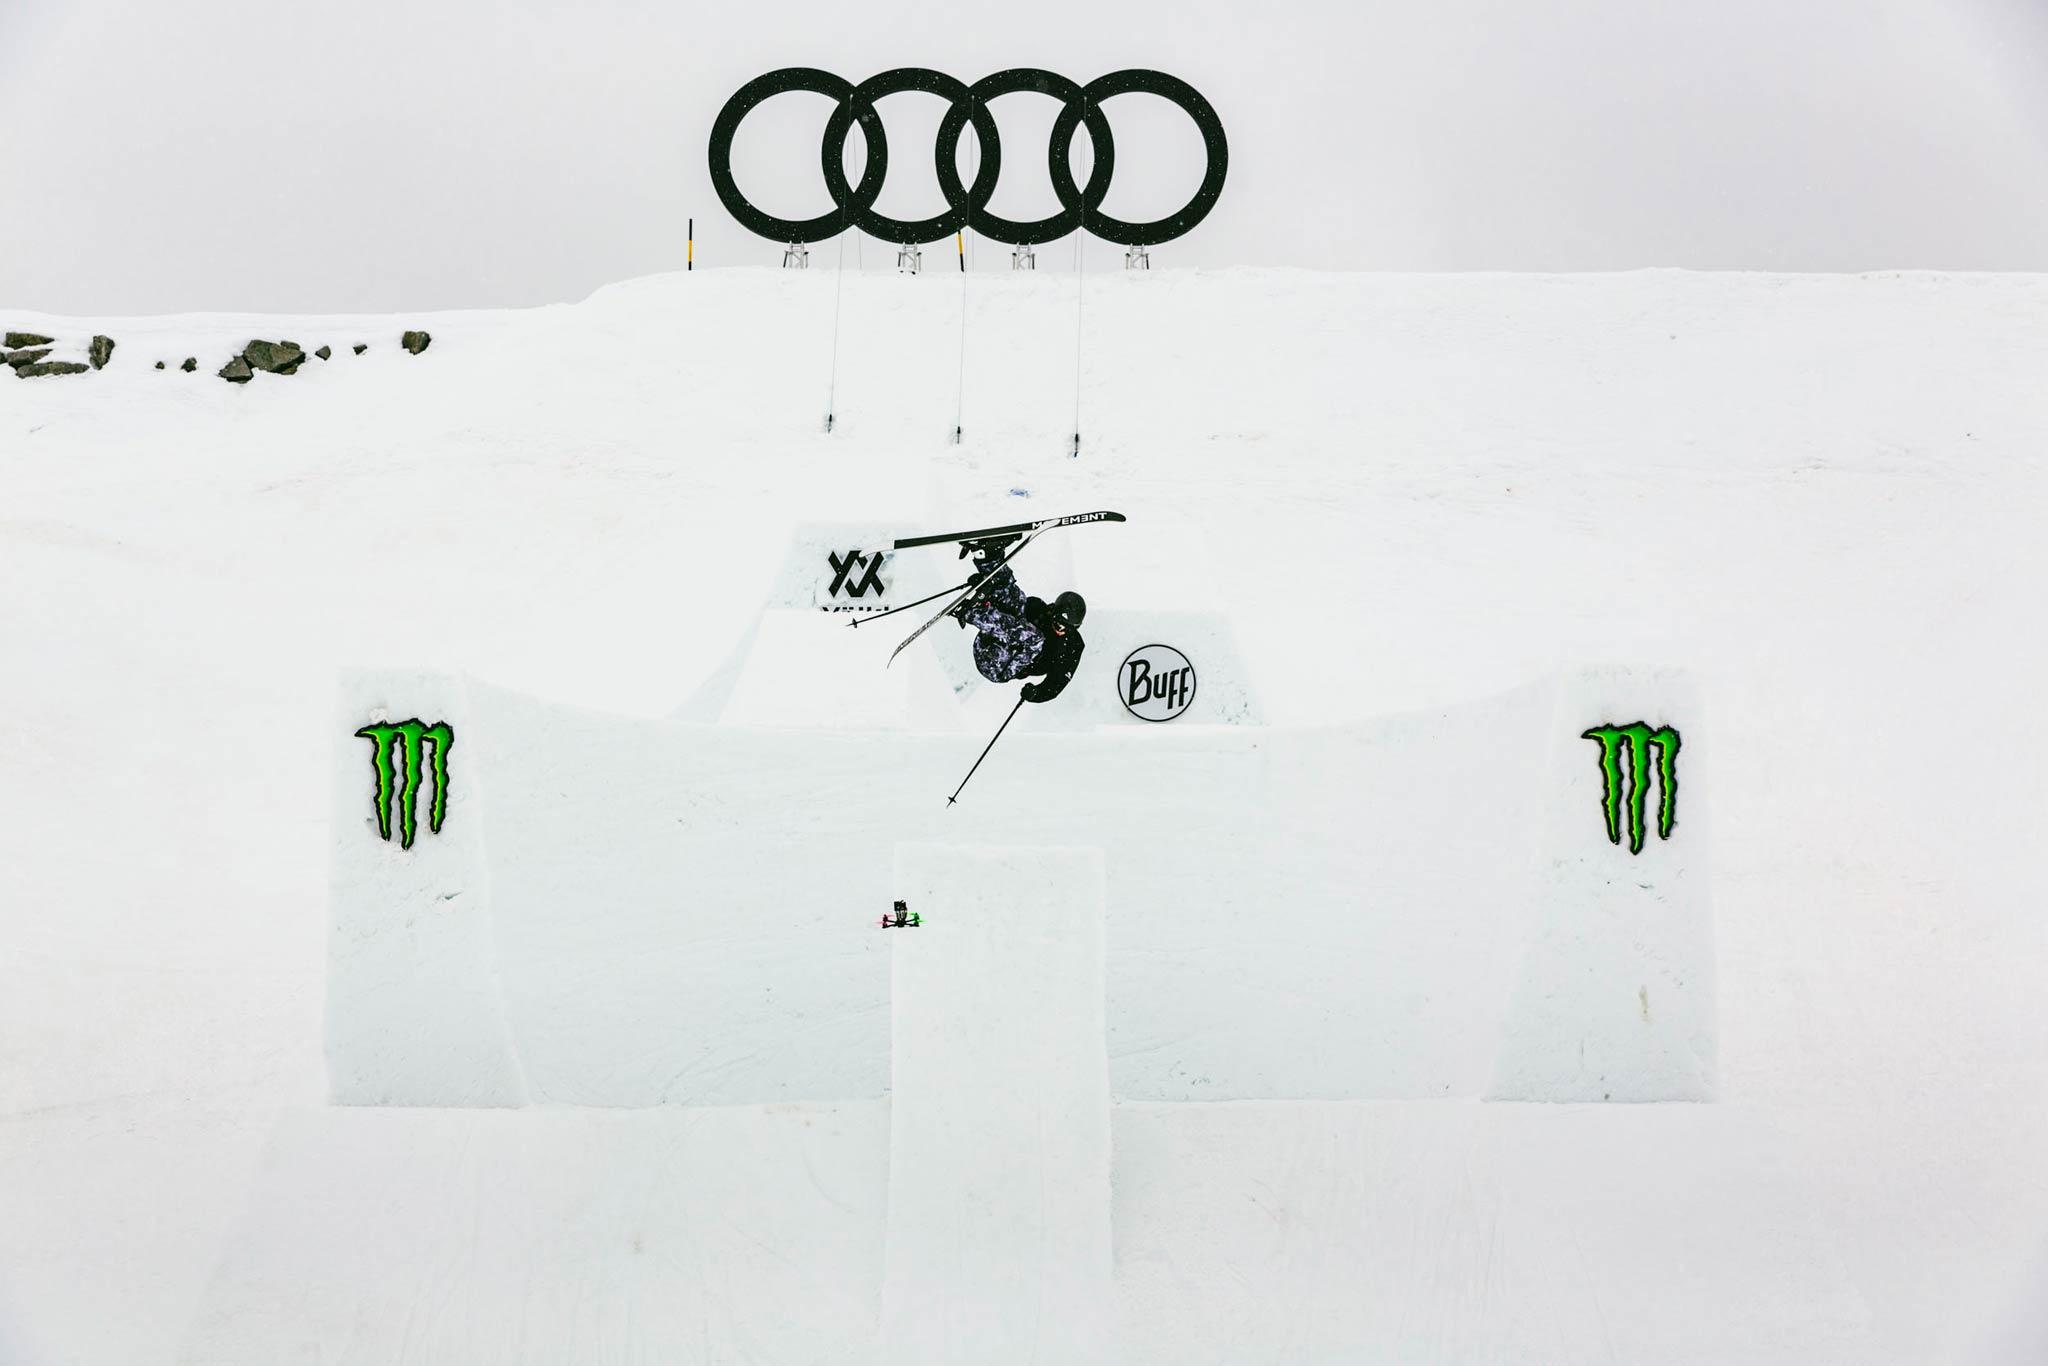 Rider Thibault Magnin - Foto: David Malacrida